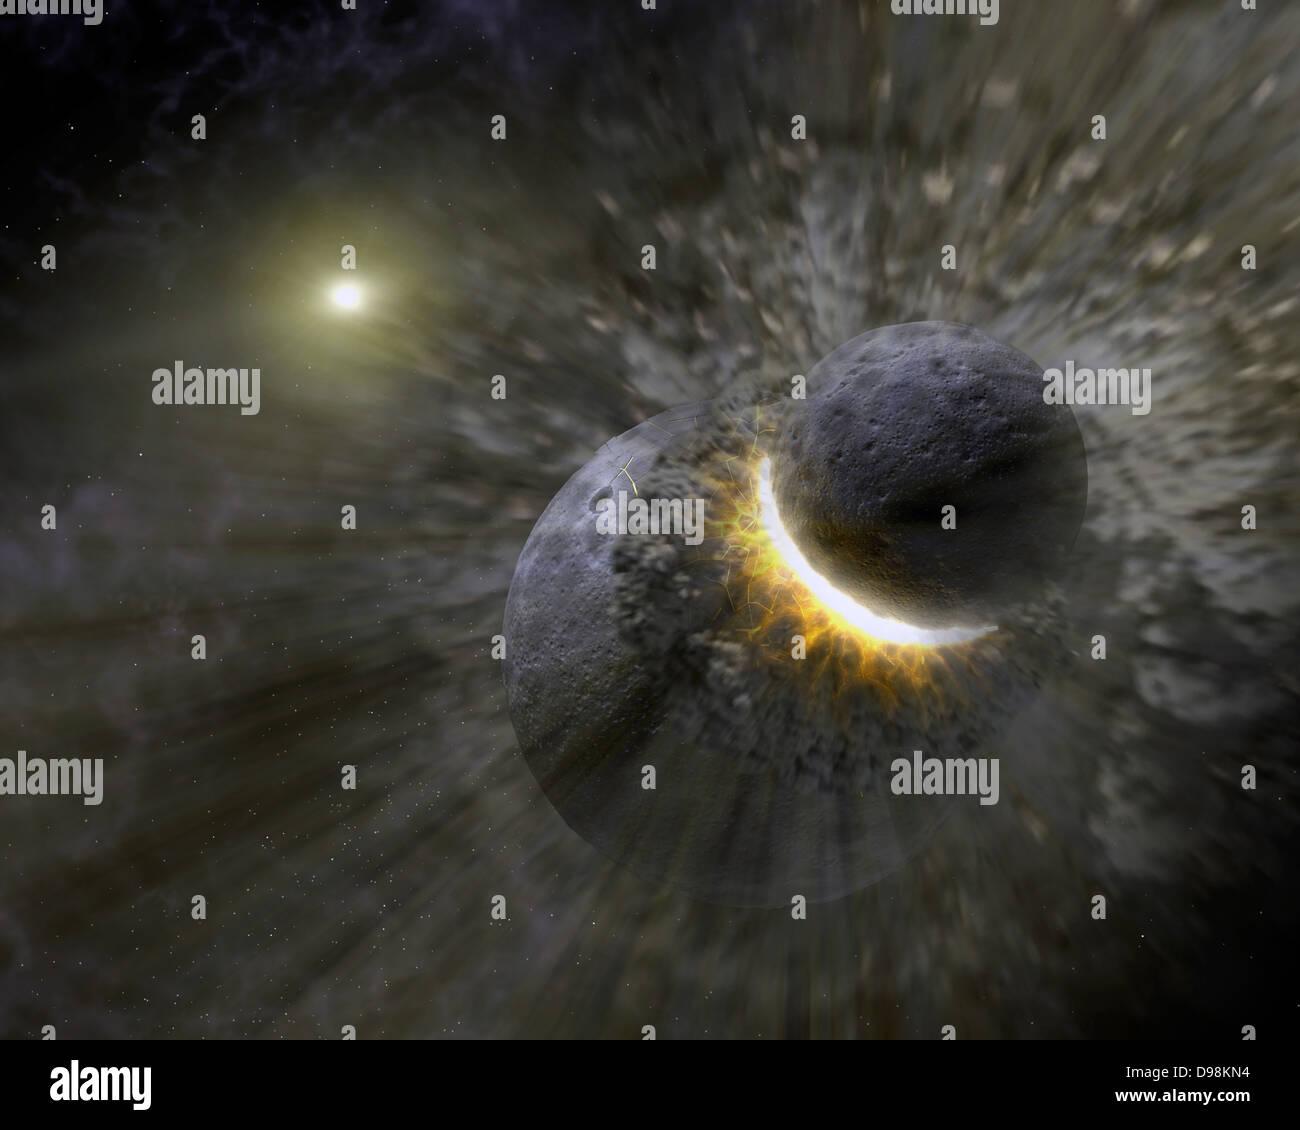 Concept de l'artiste montrant une collision massive d'objets peut-être aussi grand que la planète Photo Stock